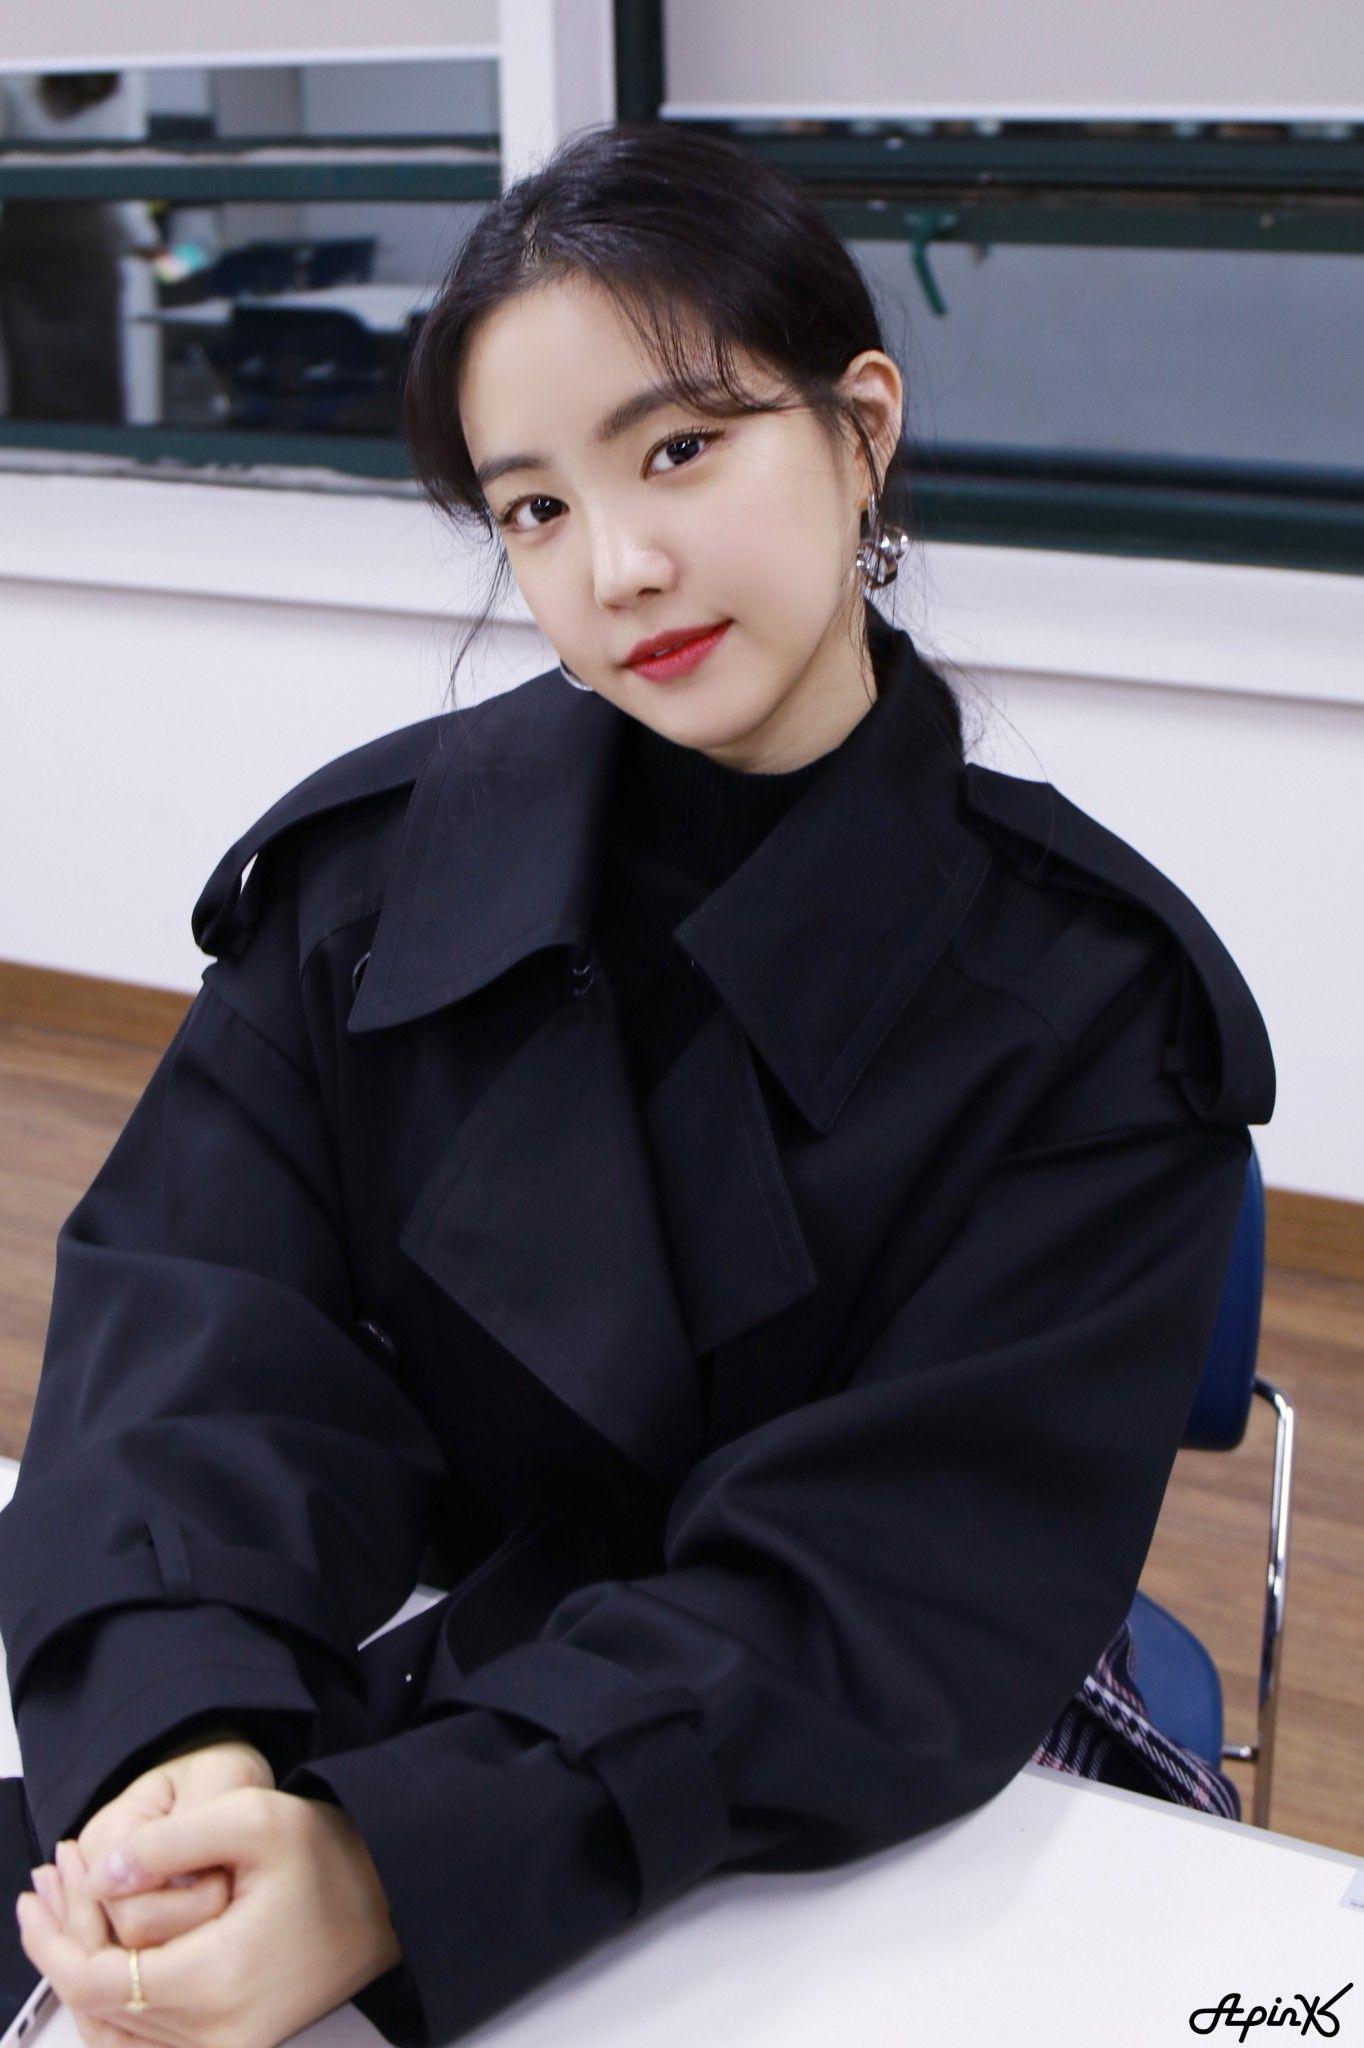 Son Na Eun Apink 181017 | 케이팝 패션, 세련된 의상, 패션 스타일